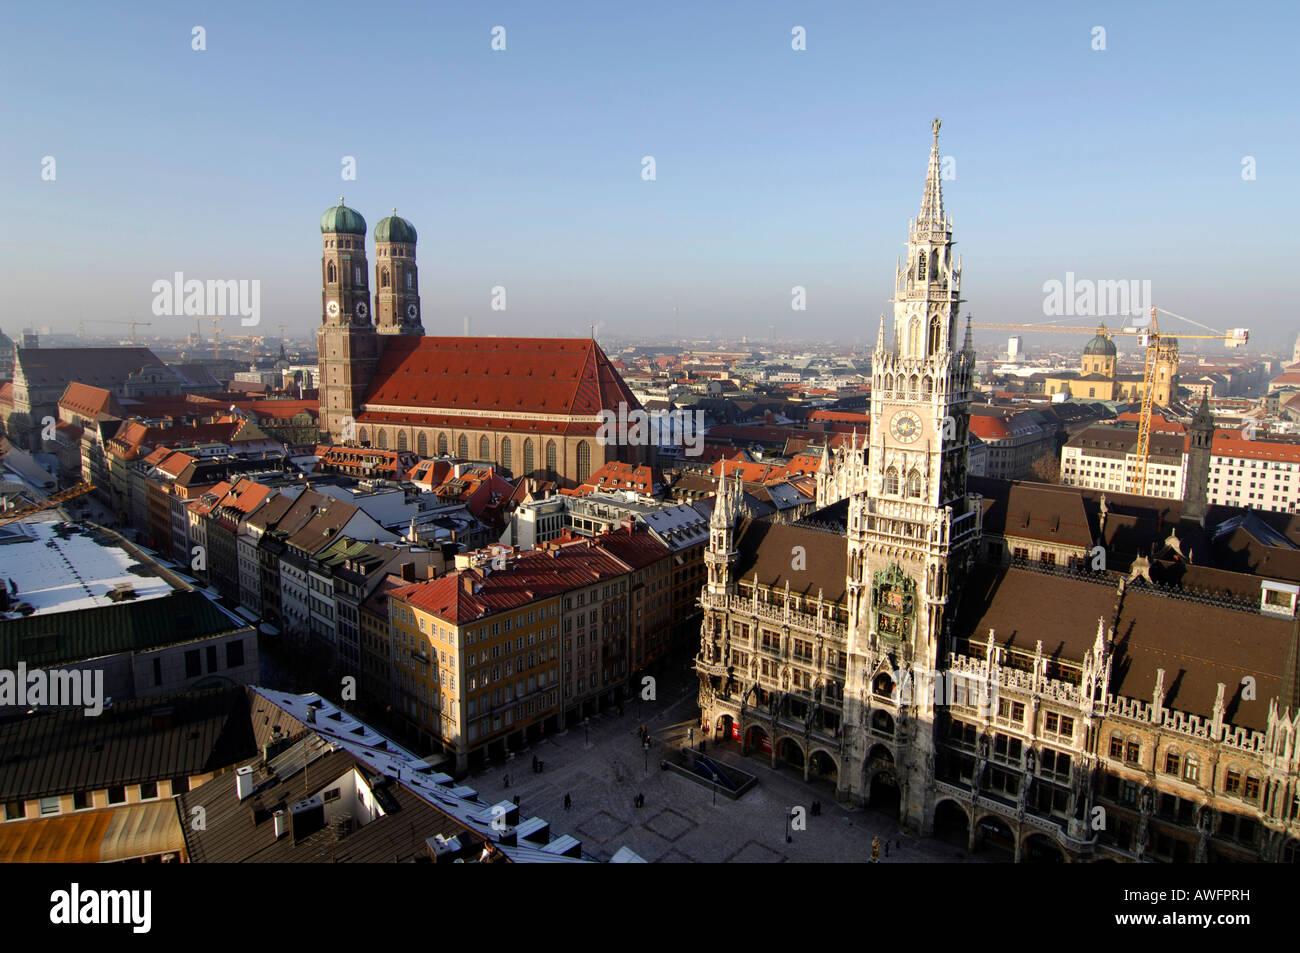 Totale Münchens mit der Frauenkirche (Kirche), Rathaus und den Marienplatz (Quadrat), Munich, Bavaria, Germany, Stockbild